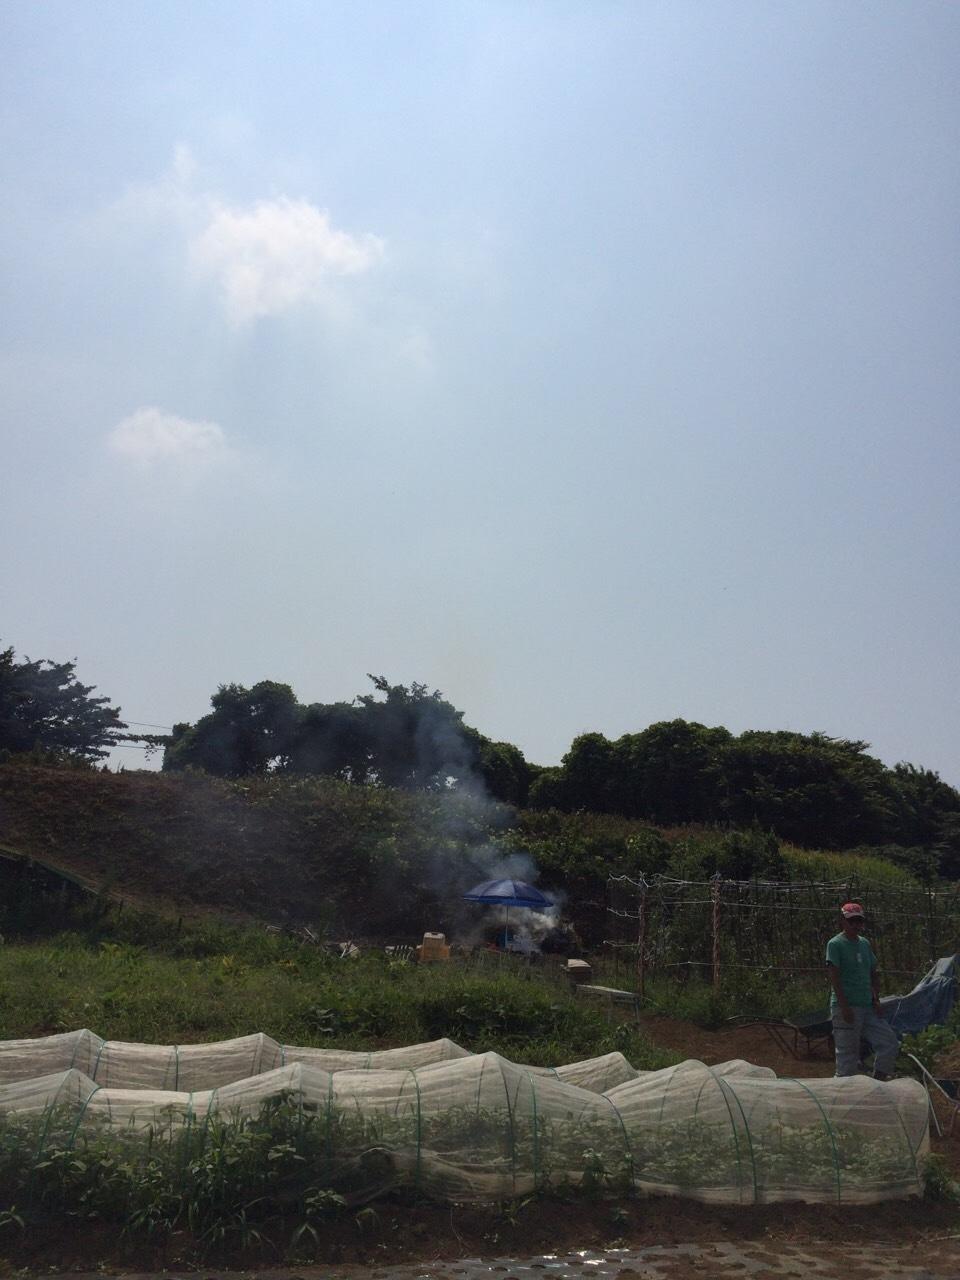 今朝は 石川さん 田中さん 飯田の3名です 刈った草達を燃やしていきます_c0222448_11531340.jpg